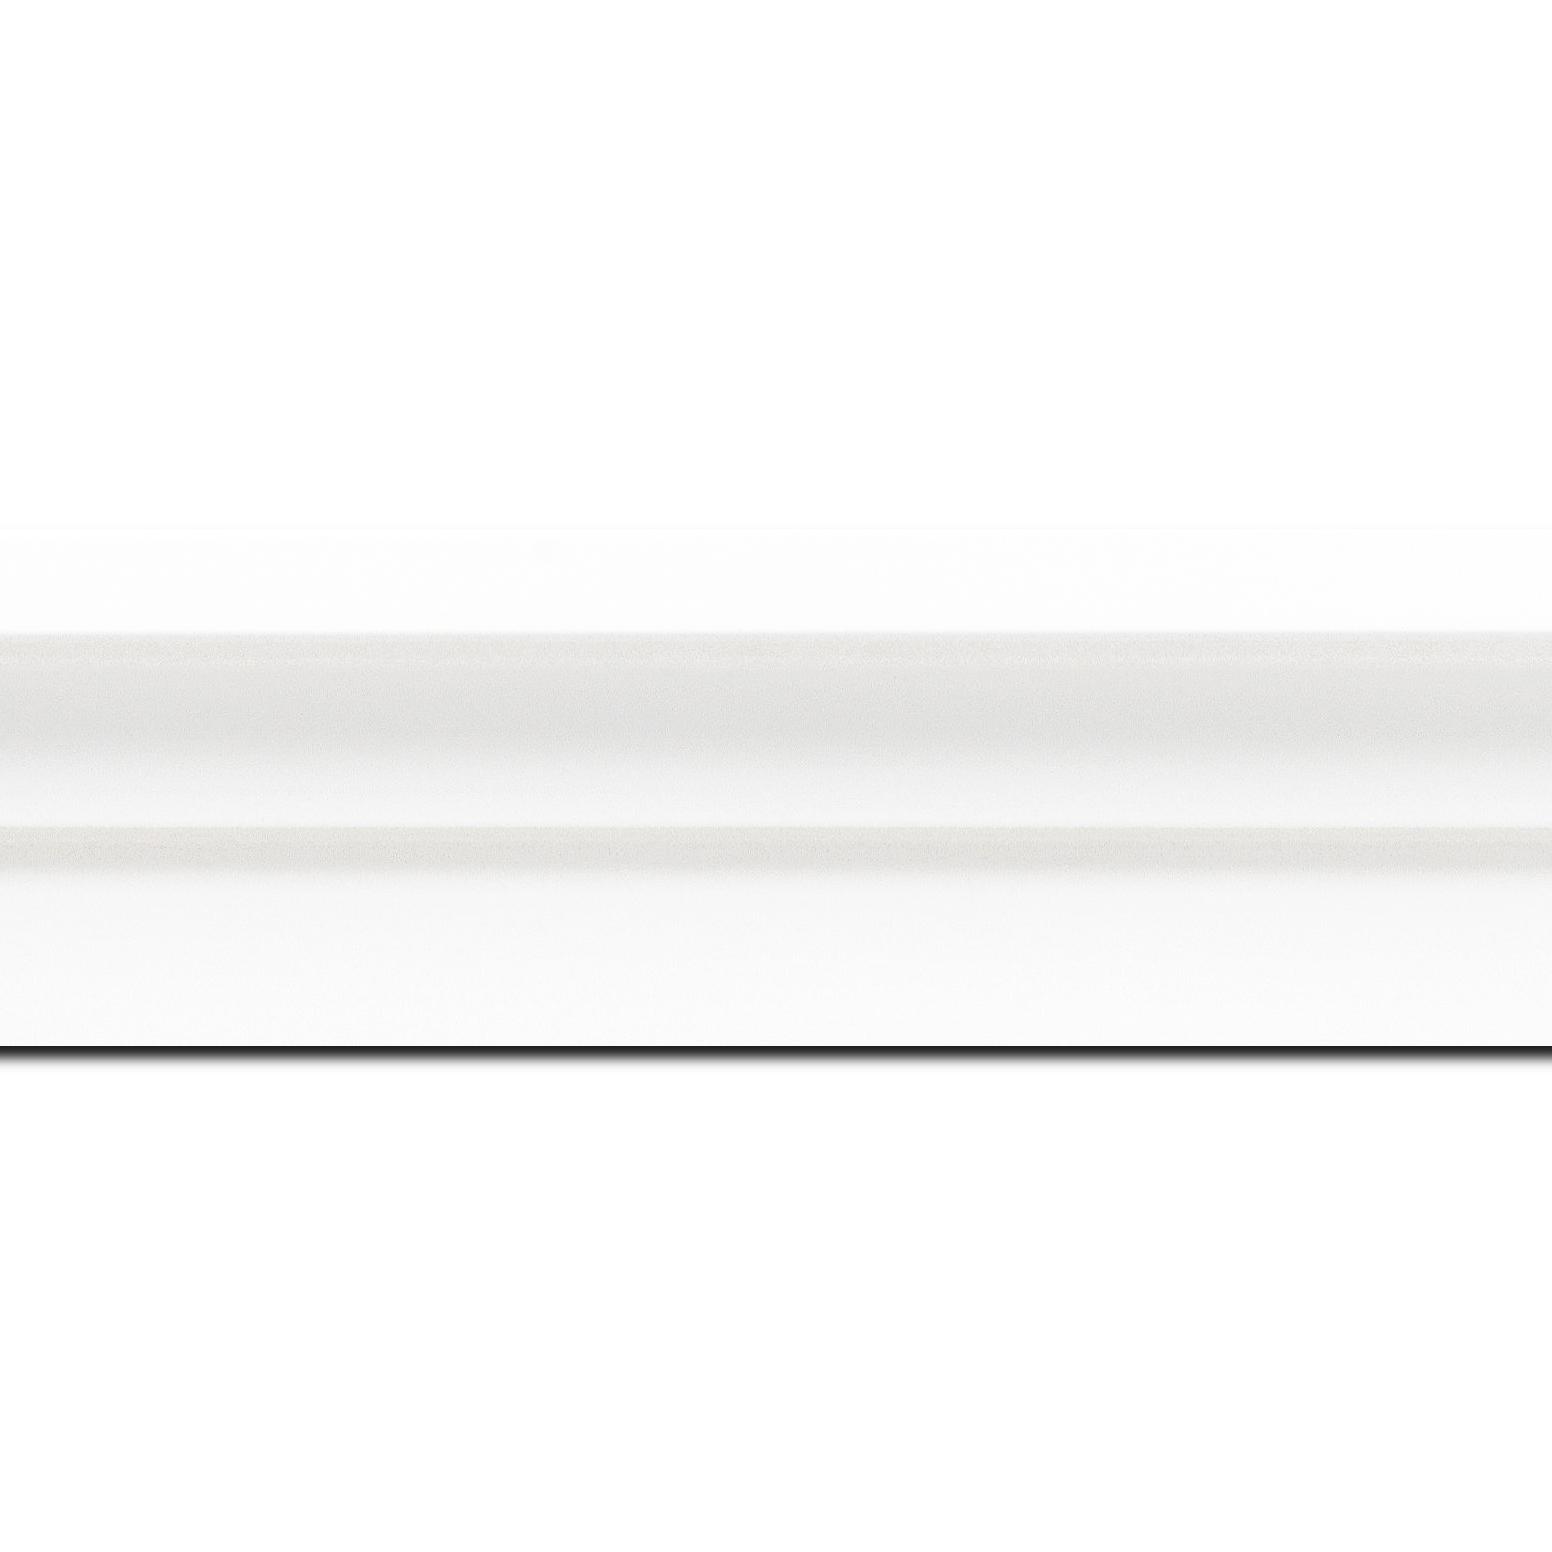 Pack par 12m, bois caisse américaine profil escalier largeur 4.4cm blanc mat  (spécialement conçu pour les châssis d'une épaisseur jusqu'à 2.5cm )(longueur baguette pouvant varier entre 2.40m et 3m selon arrivage des bois)